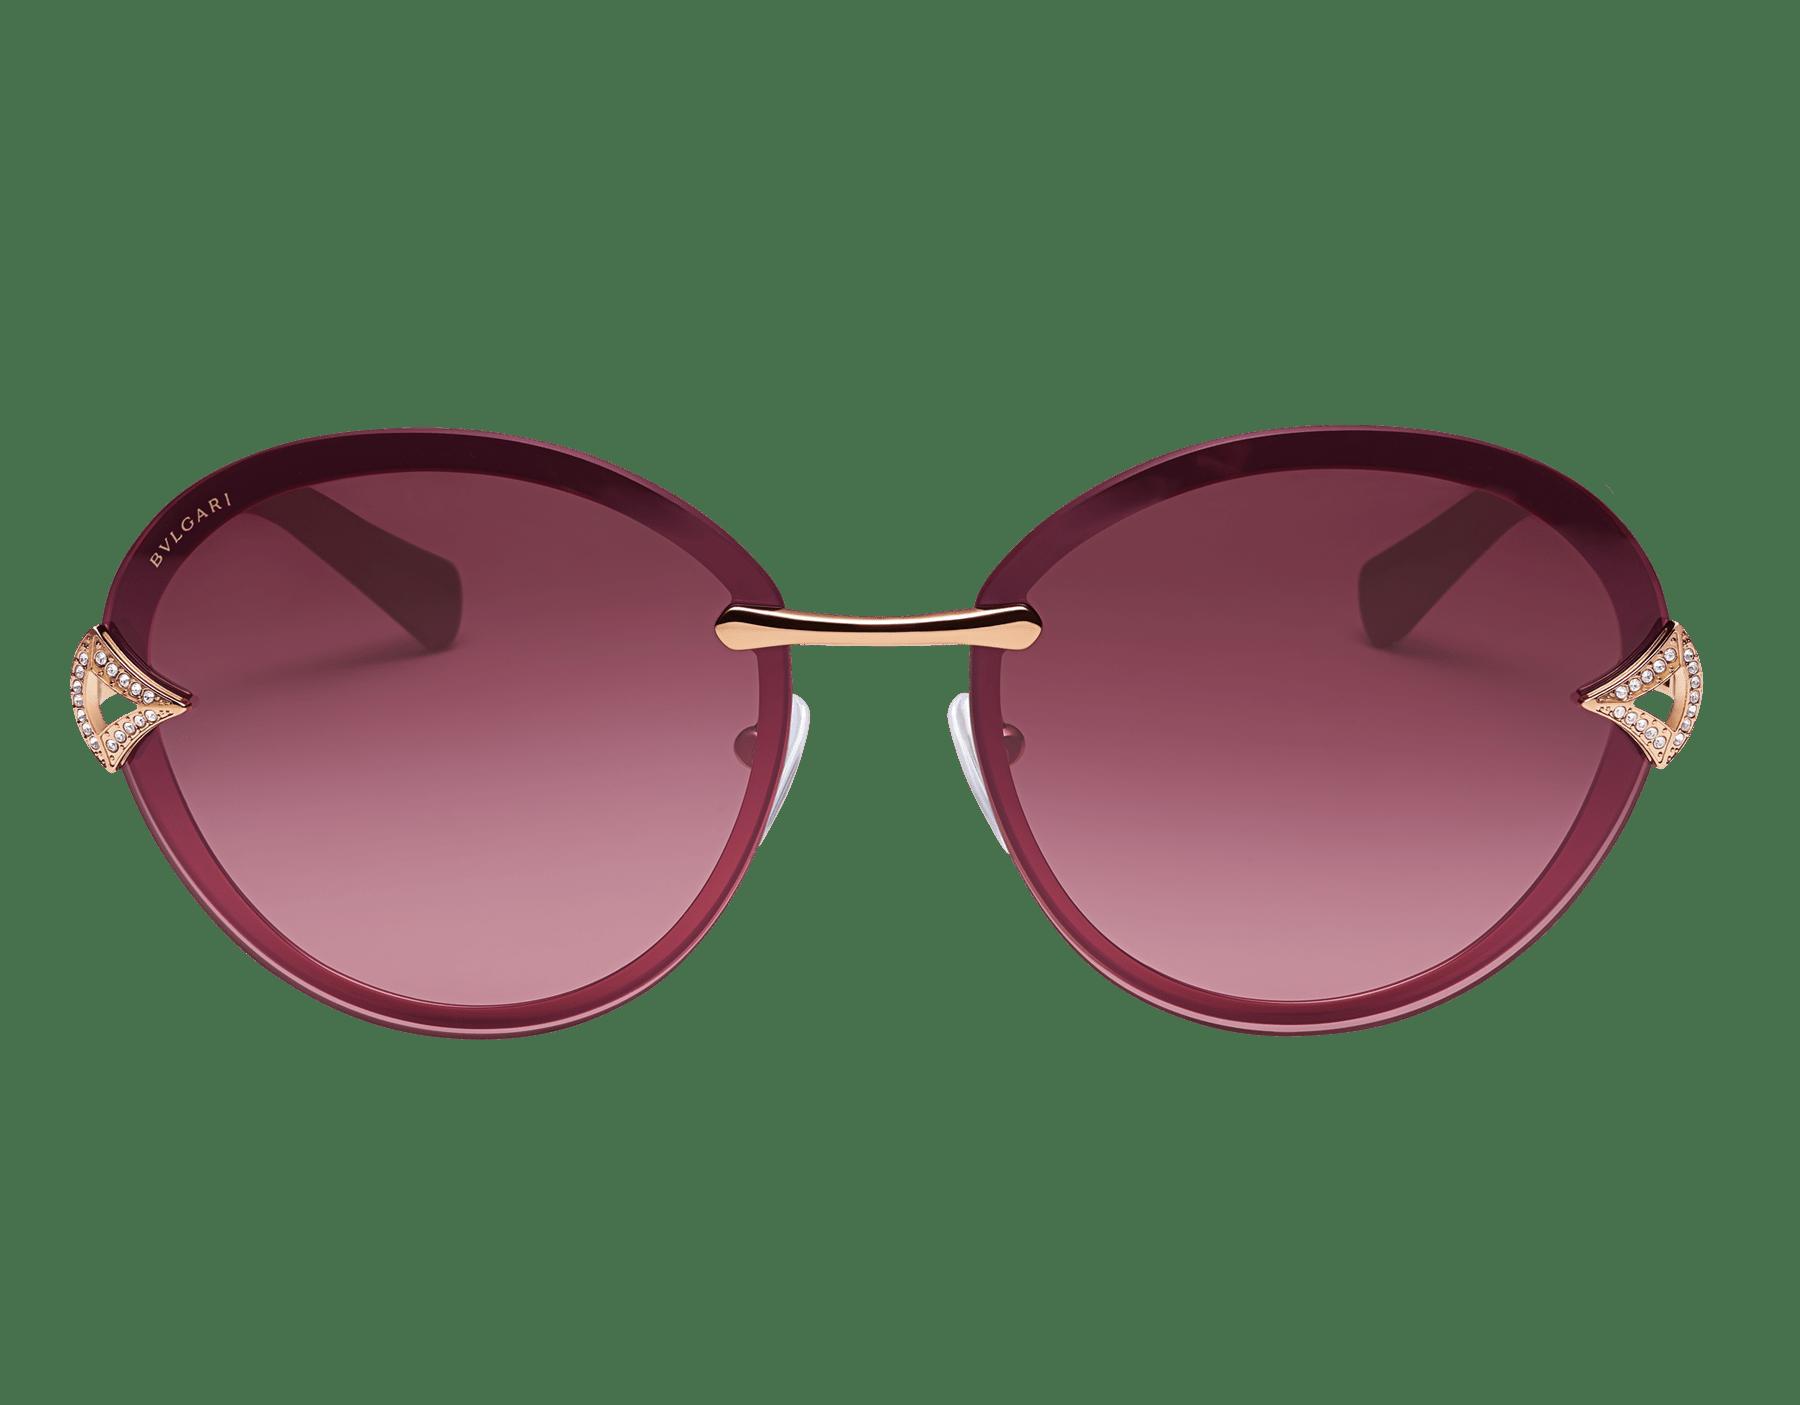 寶格麗 Divas' Dream 圓形金屬太陽眼鏡,Divas' Dream 扇形元素鑲飾水晶。 903910 image 2